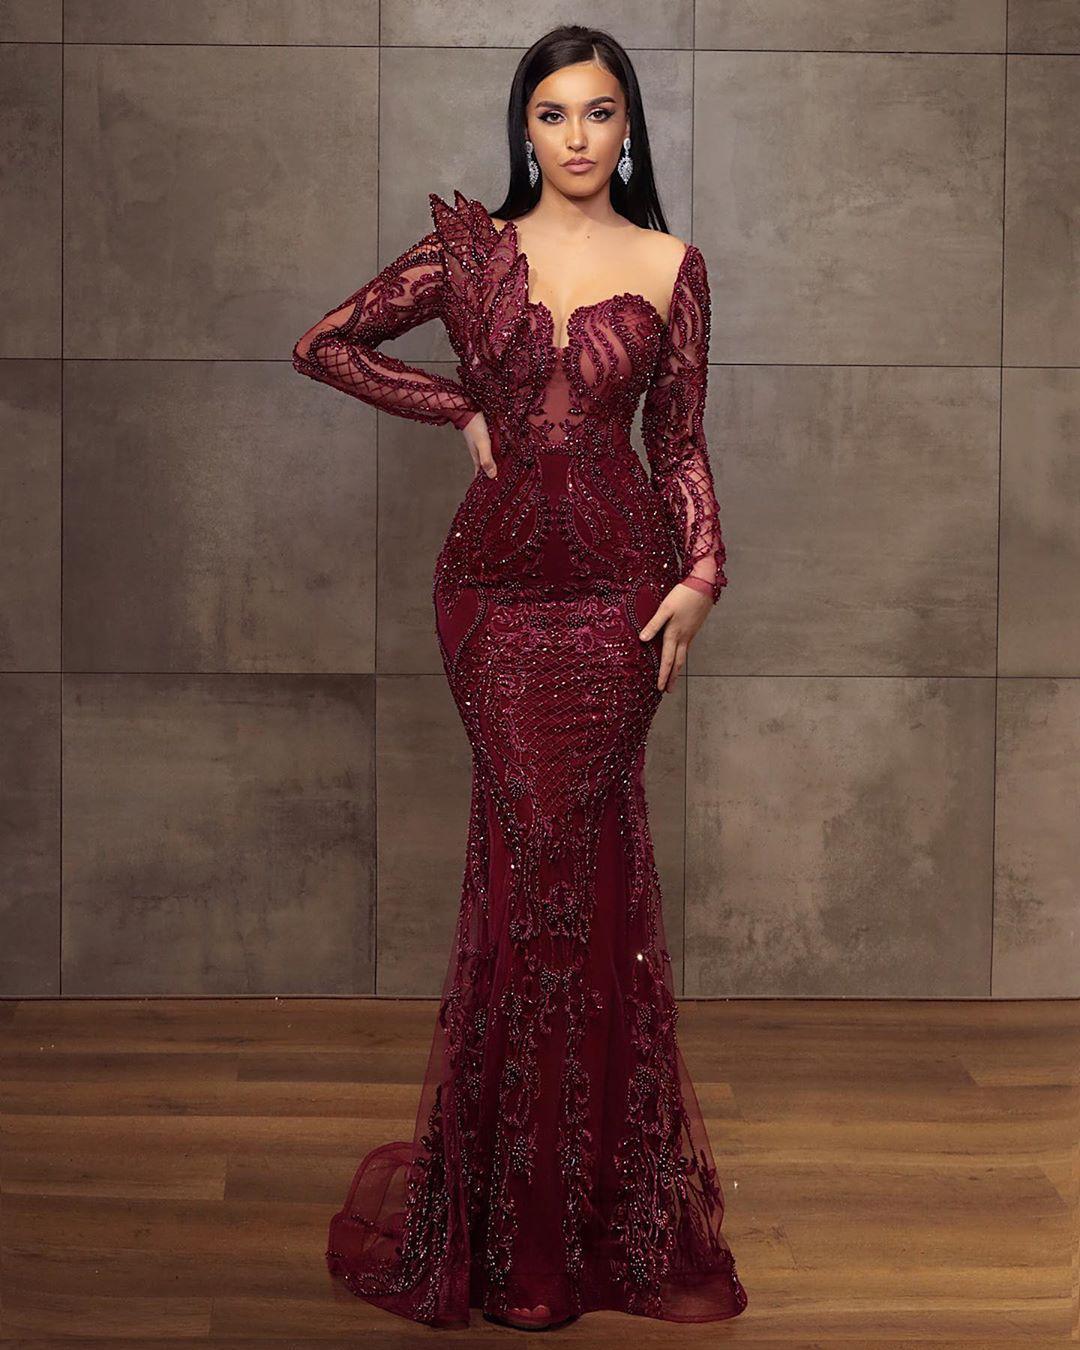 2020 noche moldeado del árabe Aso Ebi Borgoña vestidos de encaje de la sirena Sheer cuello vestidos de baile de manga larga formal del partido de segunda Vestidos Recepción